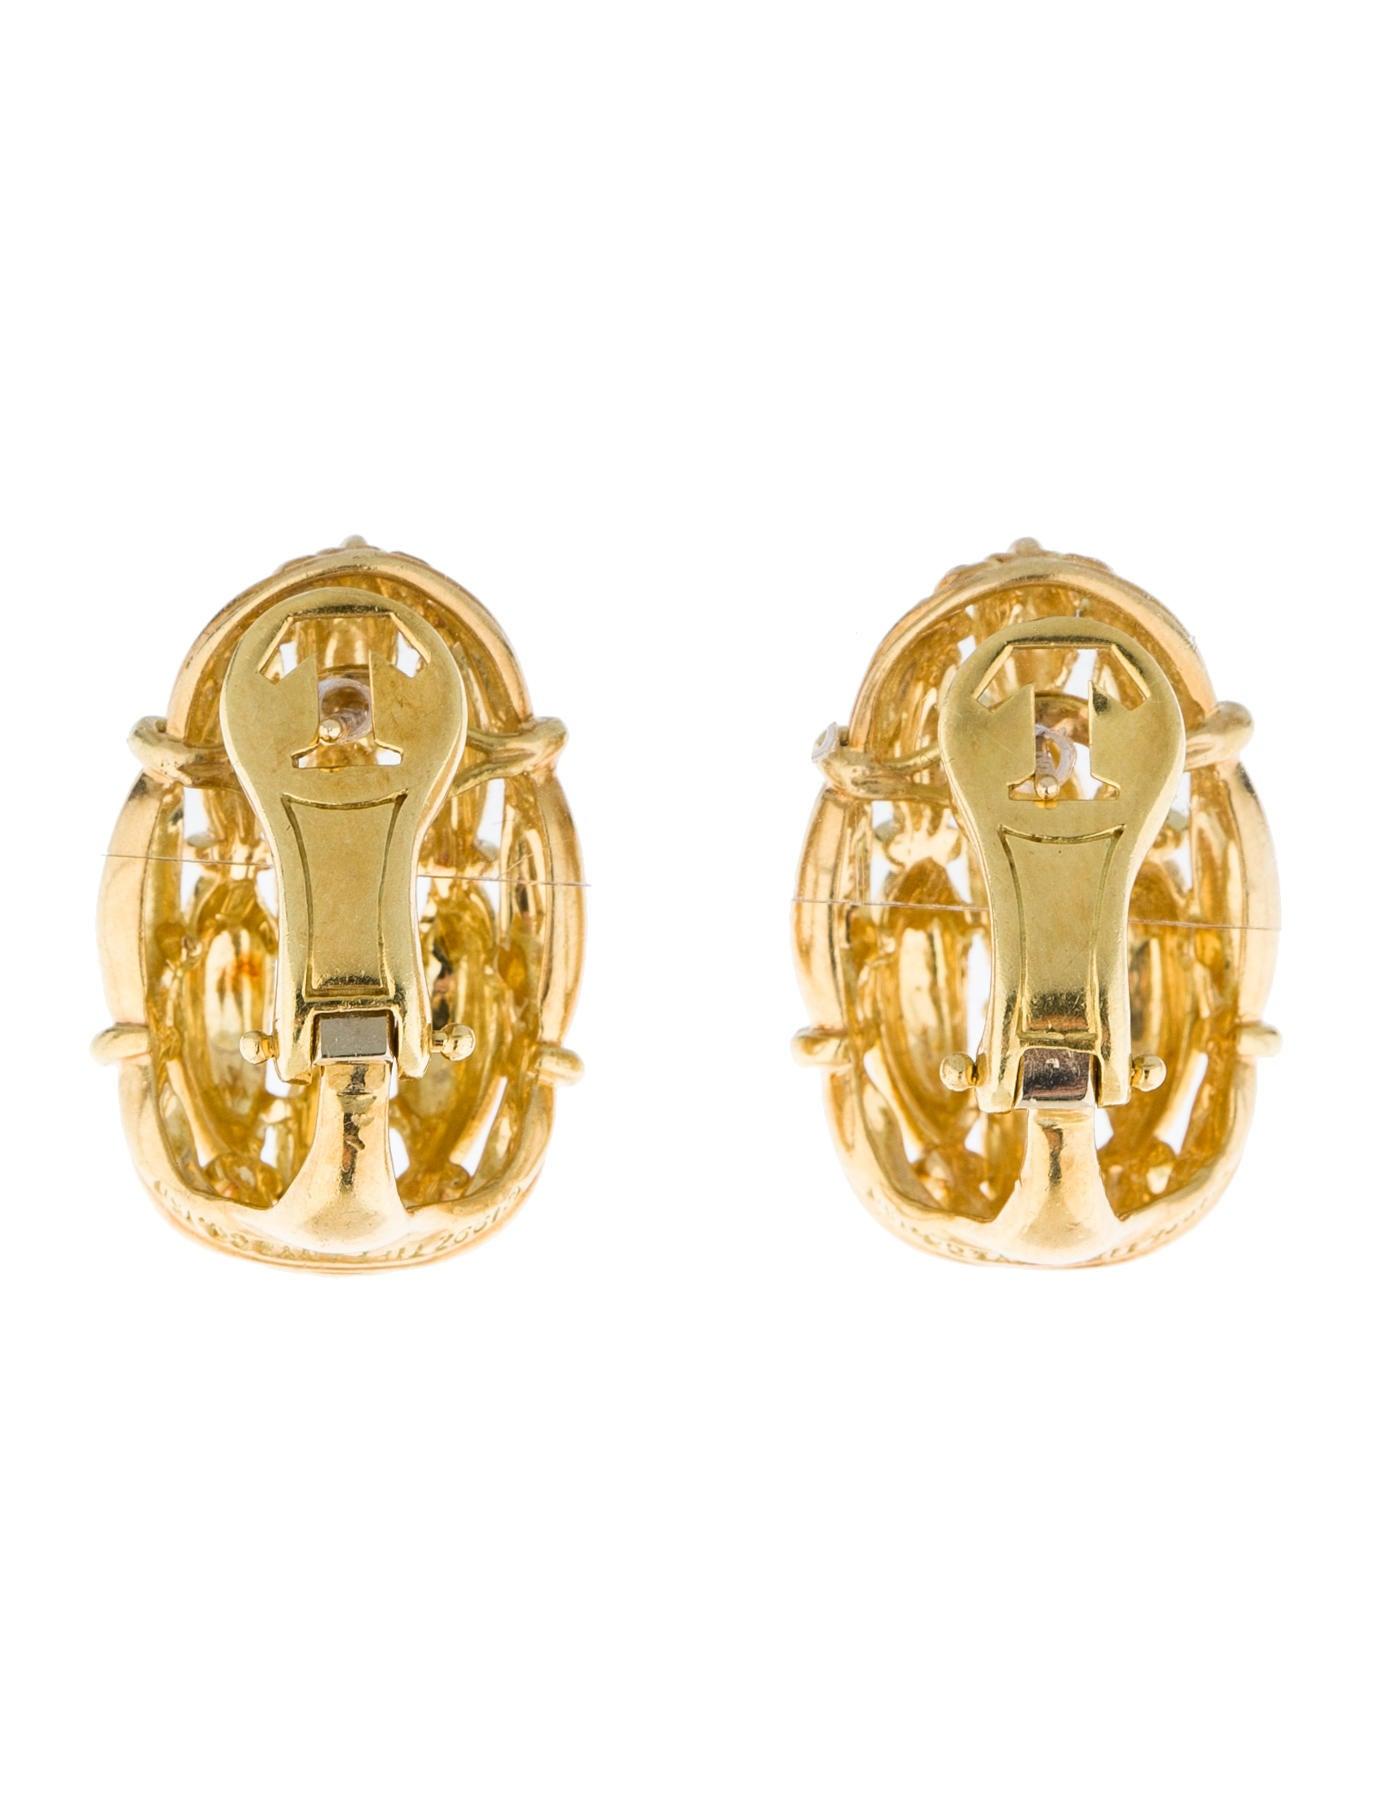 Basket Weaving Jewelry : Tiffany co basket weave earrings tif